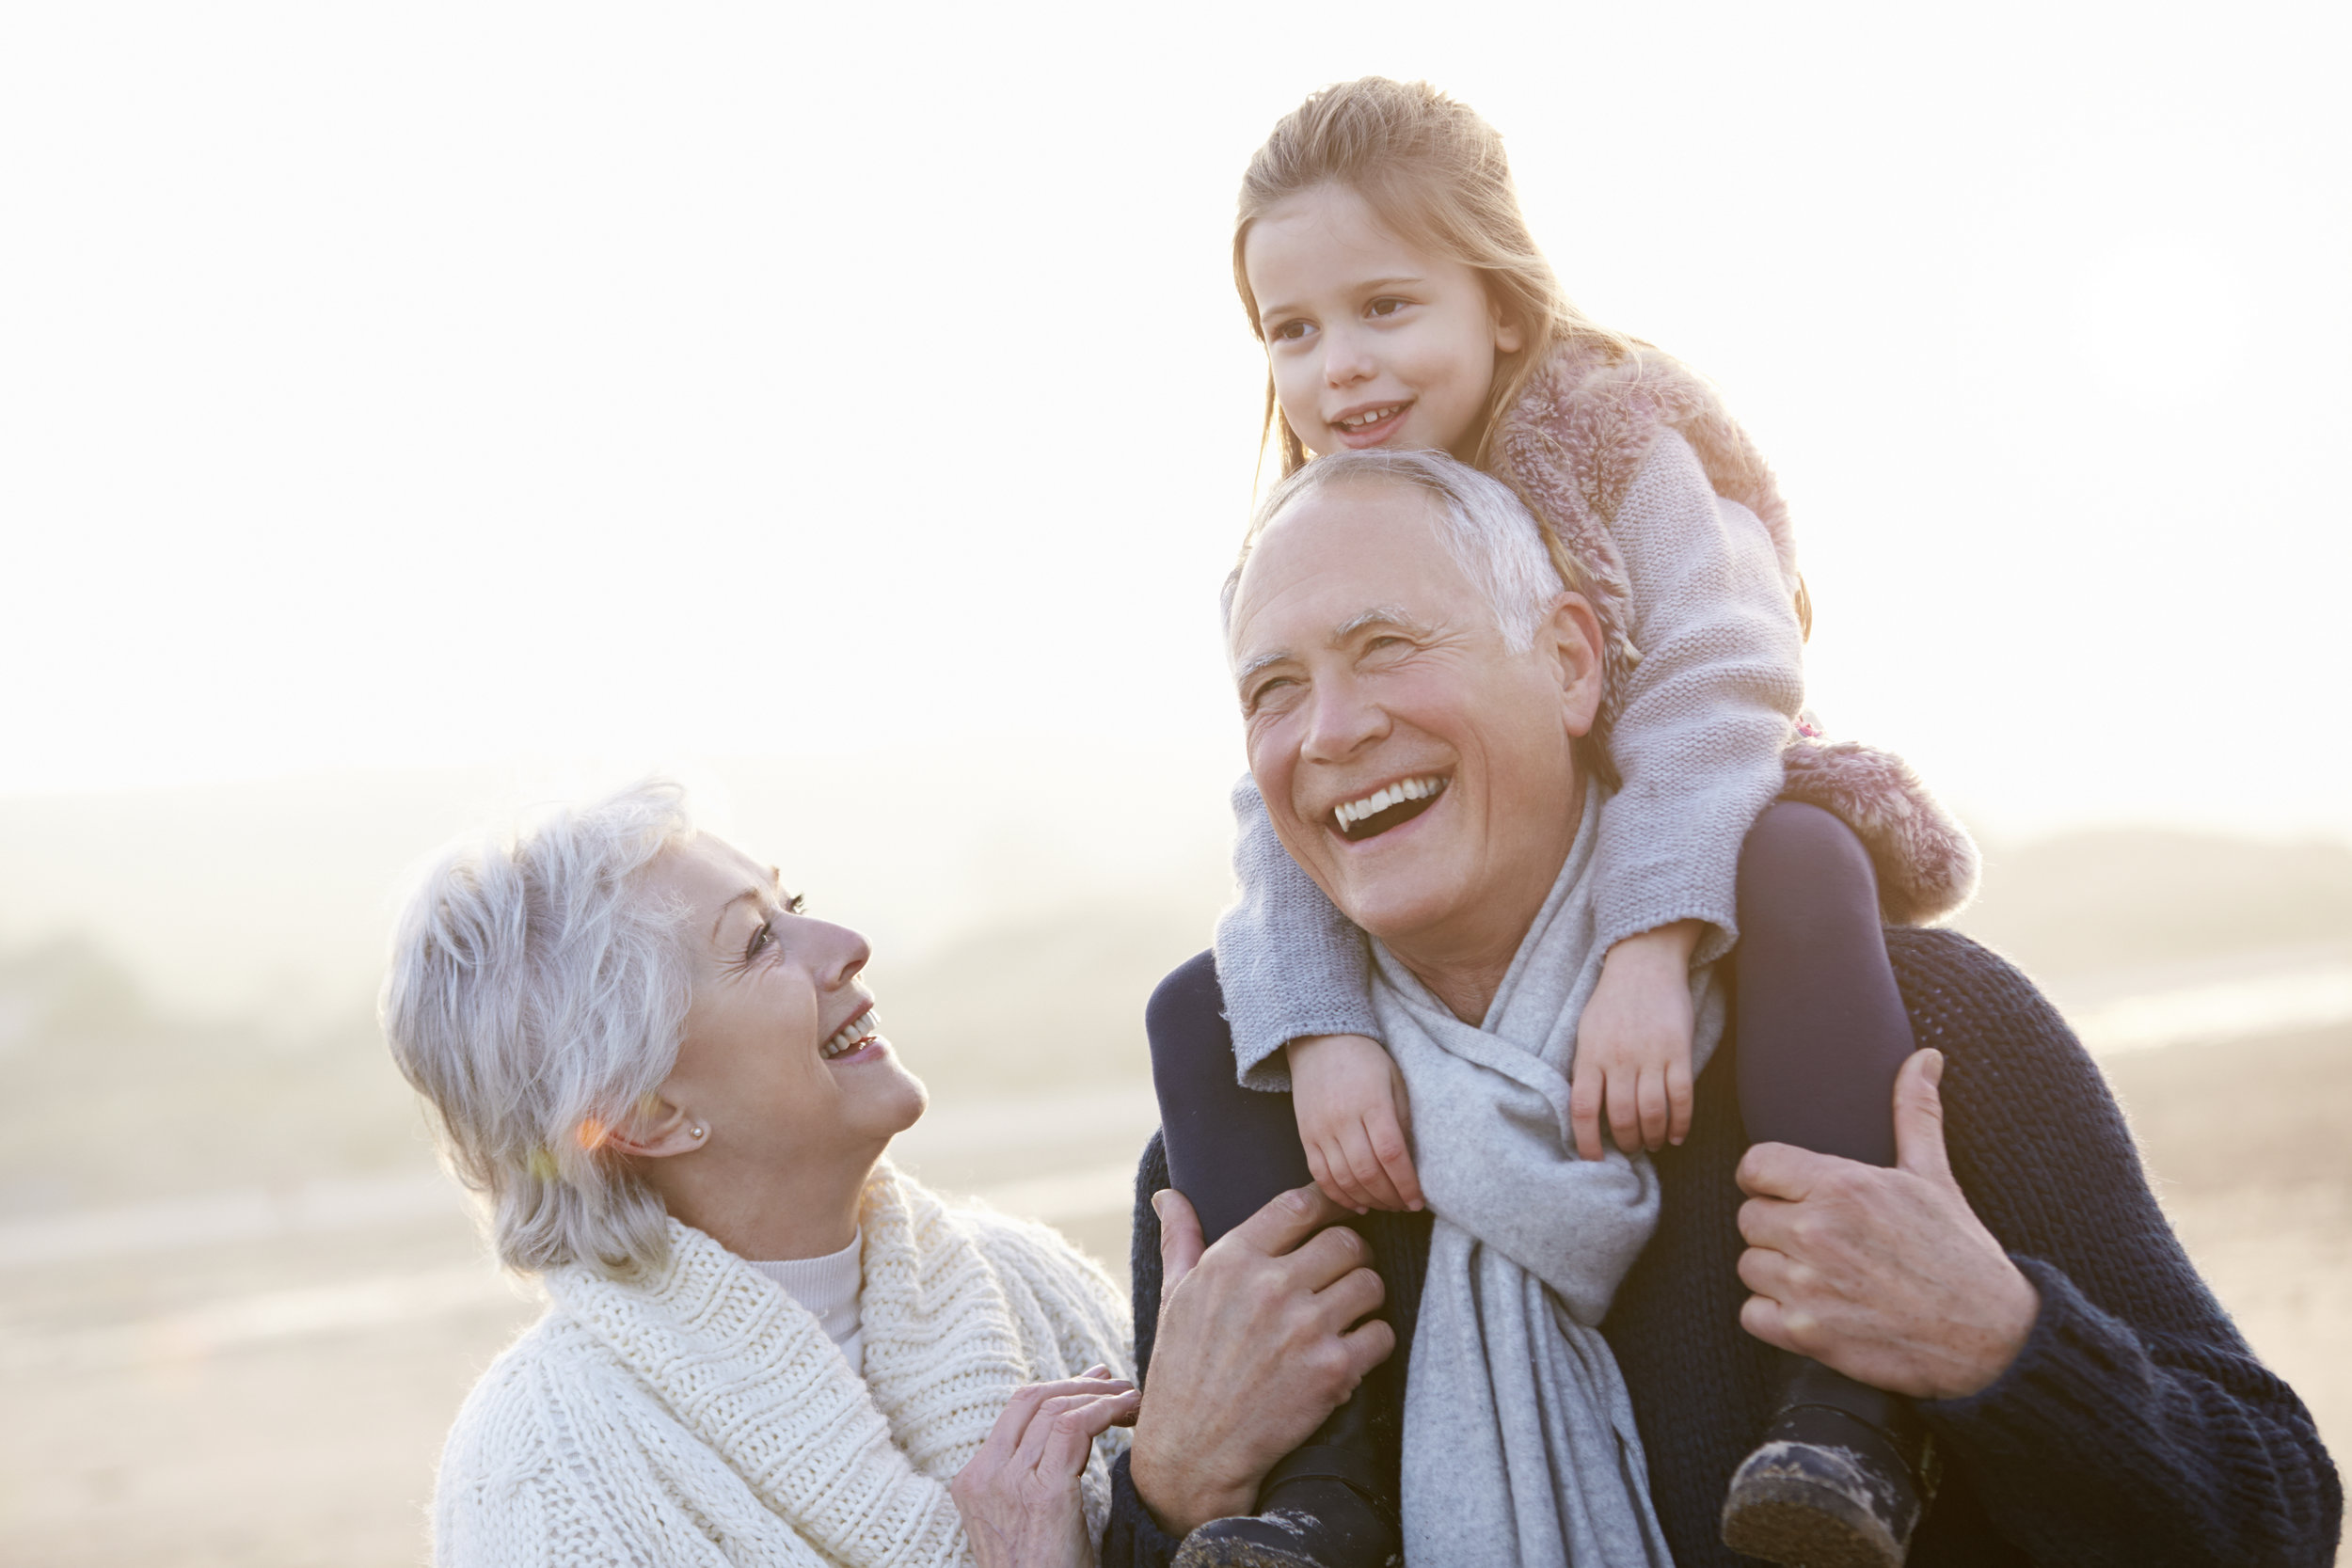 grandparents with grandaughter.jpg